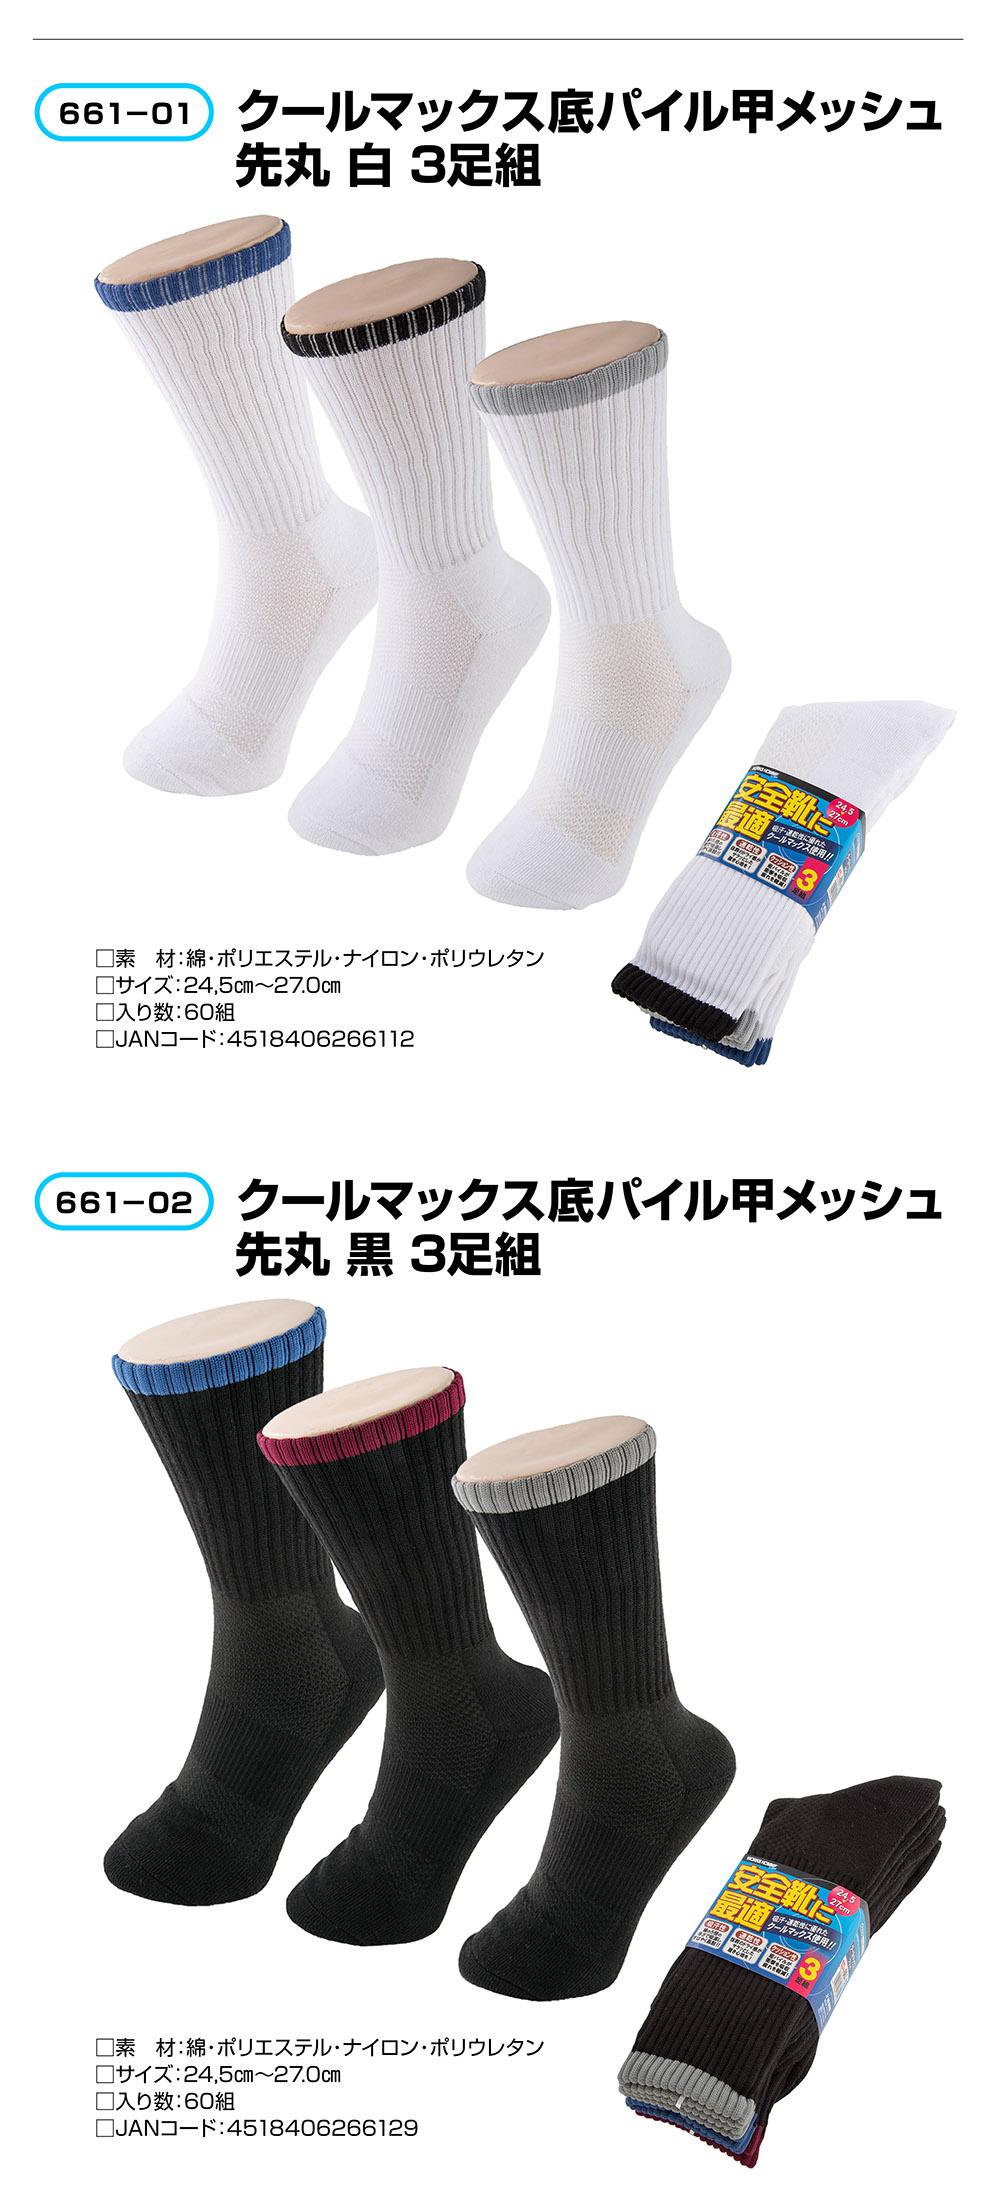 クールマックス 靴下 商品情報